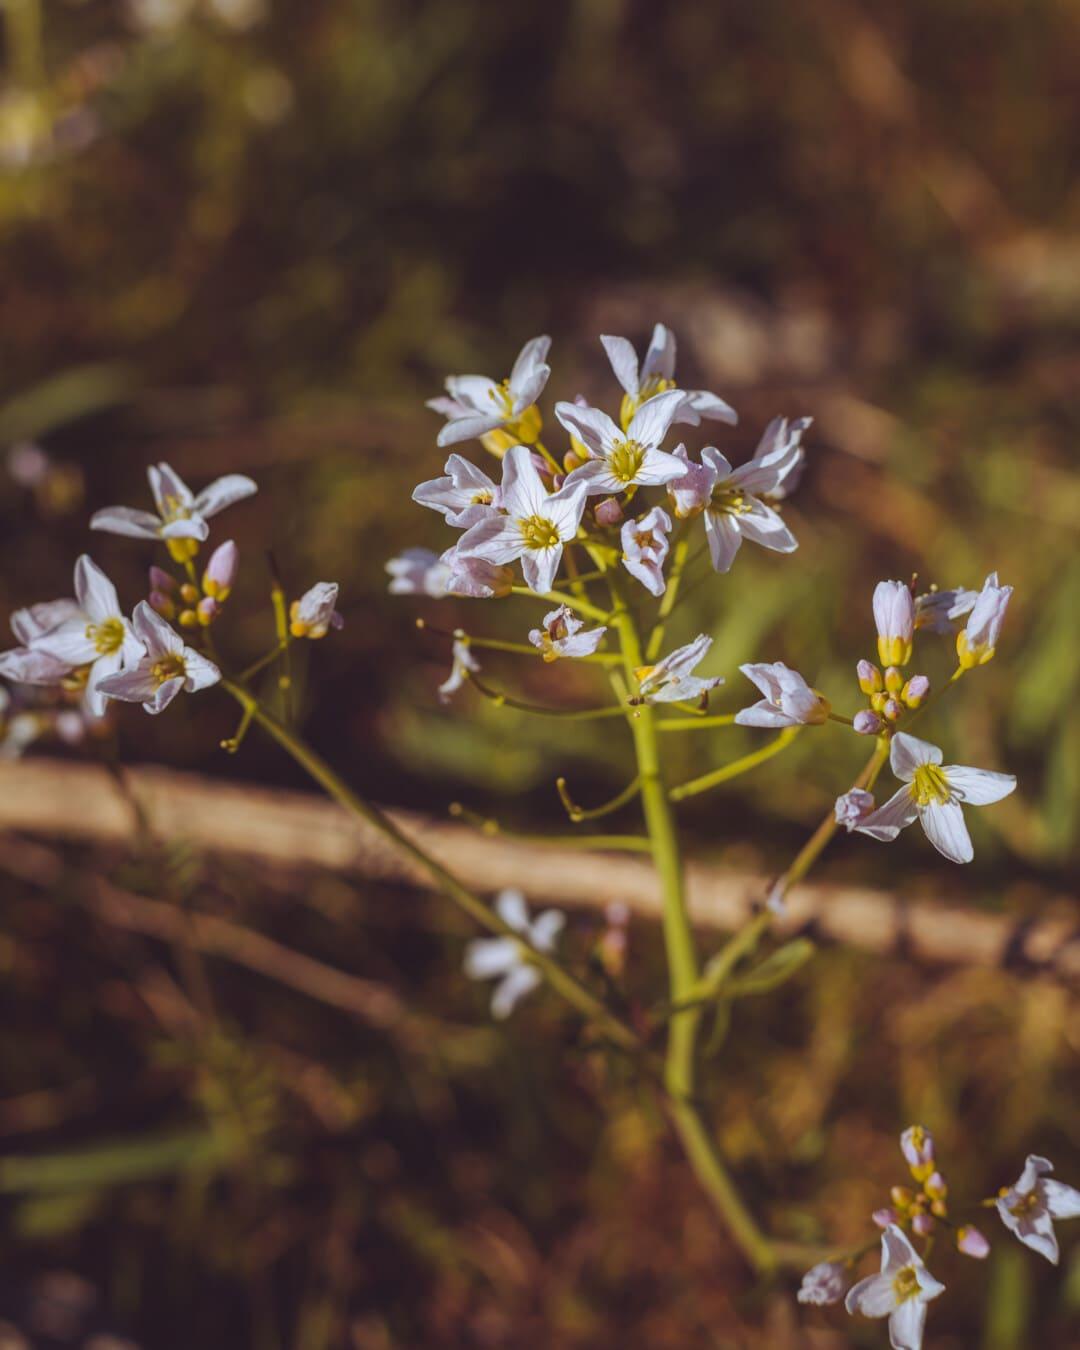 Wildblumen, Wiese, grasbewachsenen, Stamm, Blütenblatt, Natur, Blüte, Garten, Flora, Blume